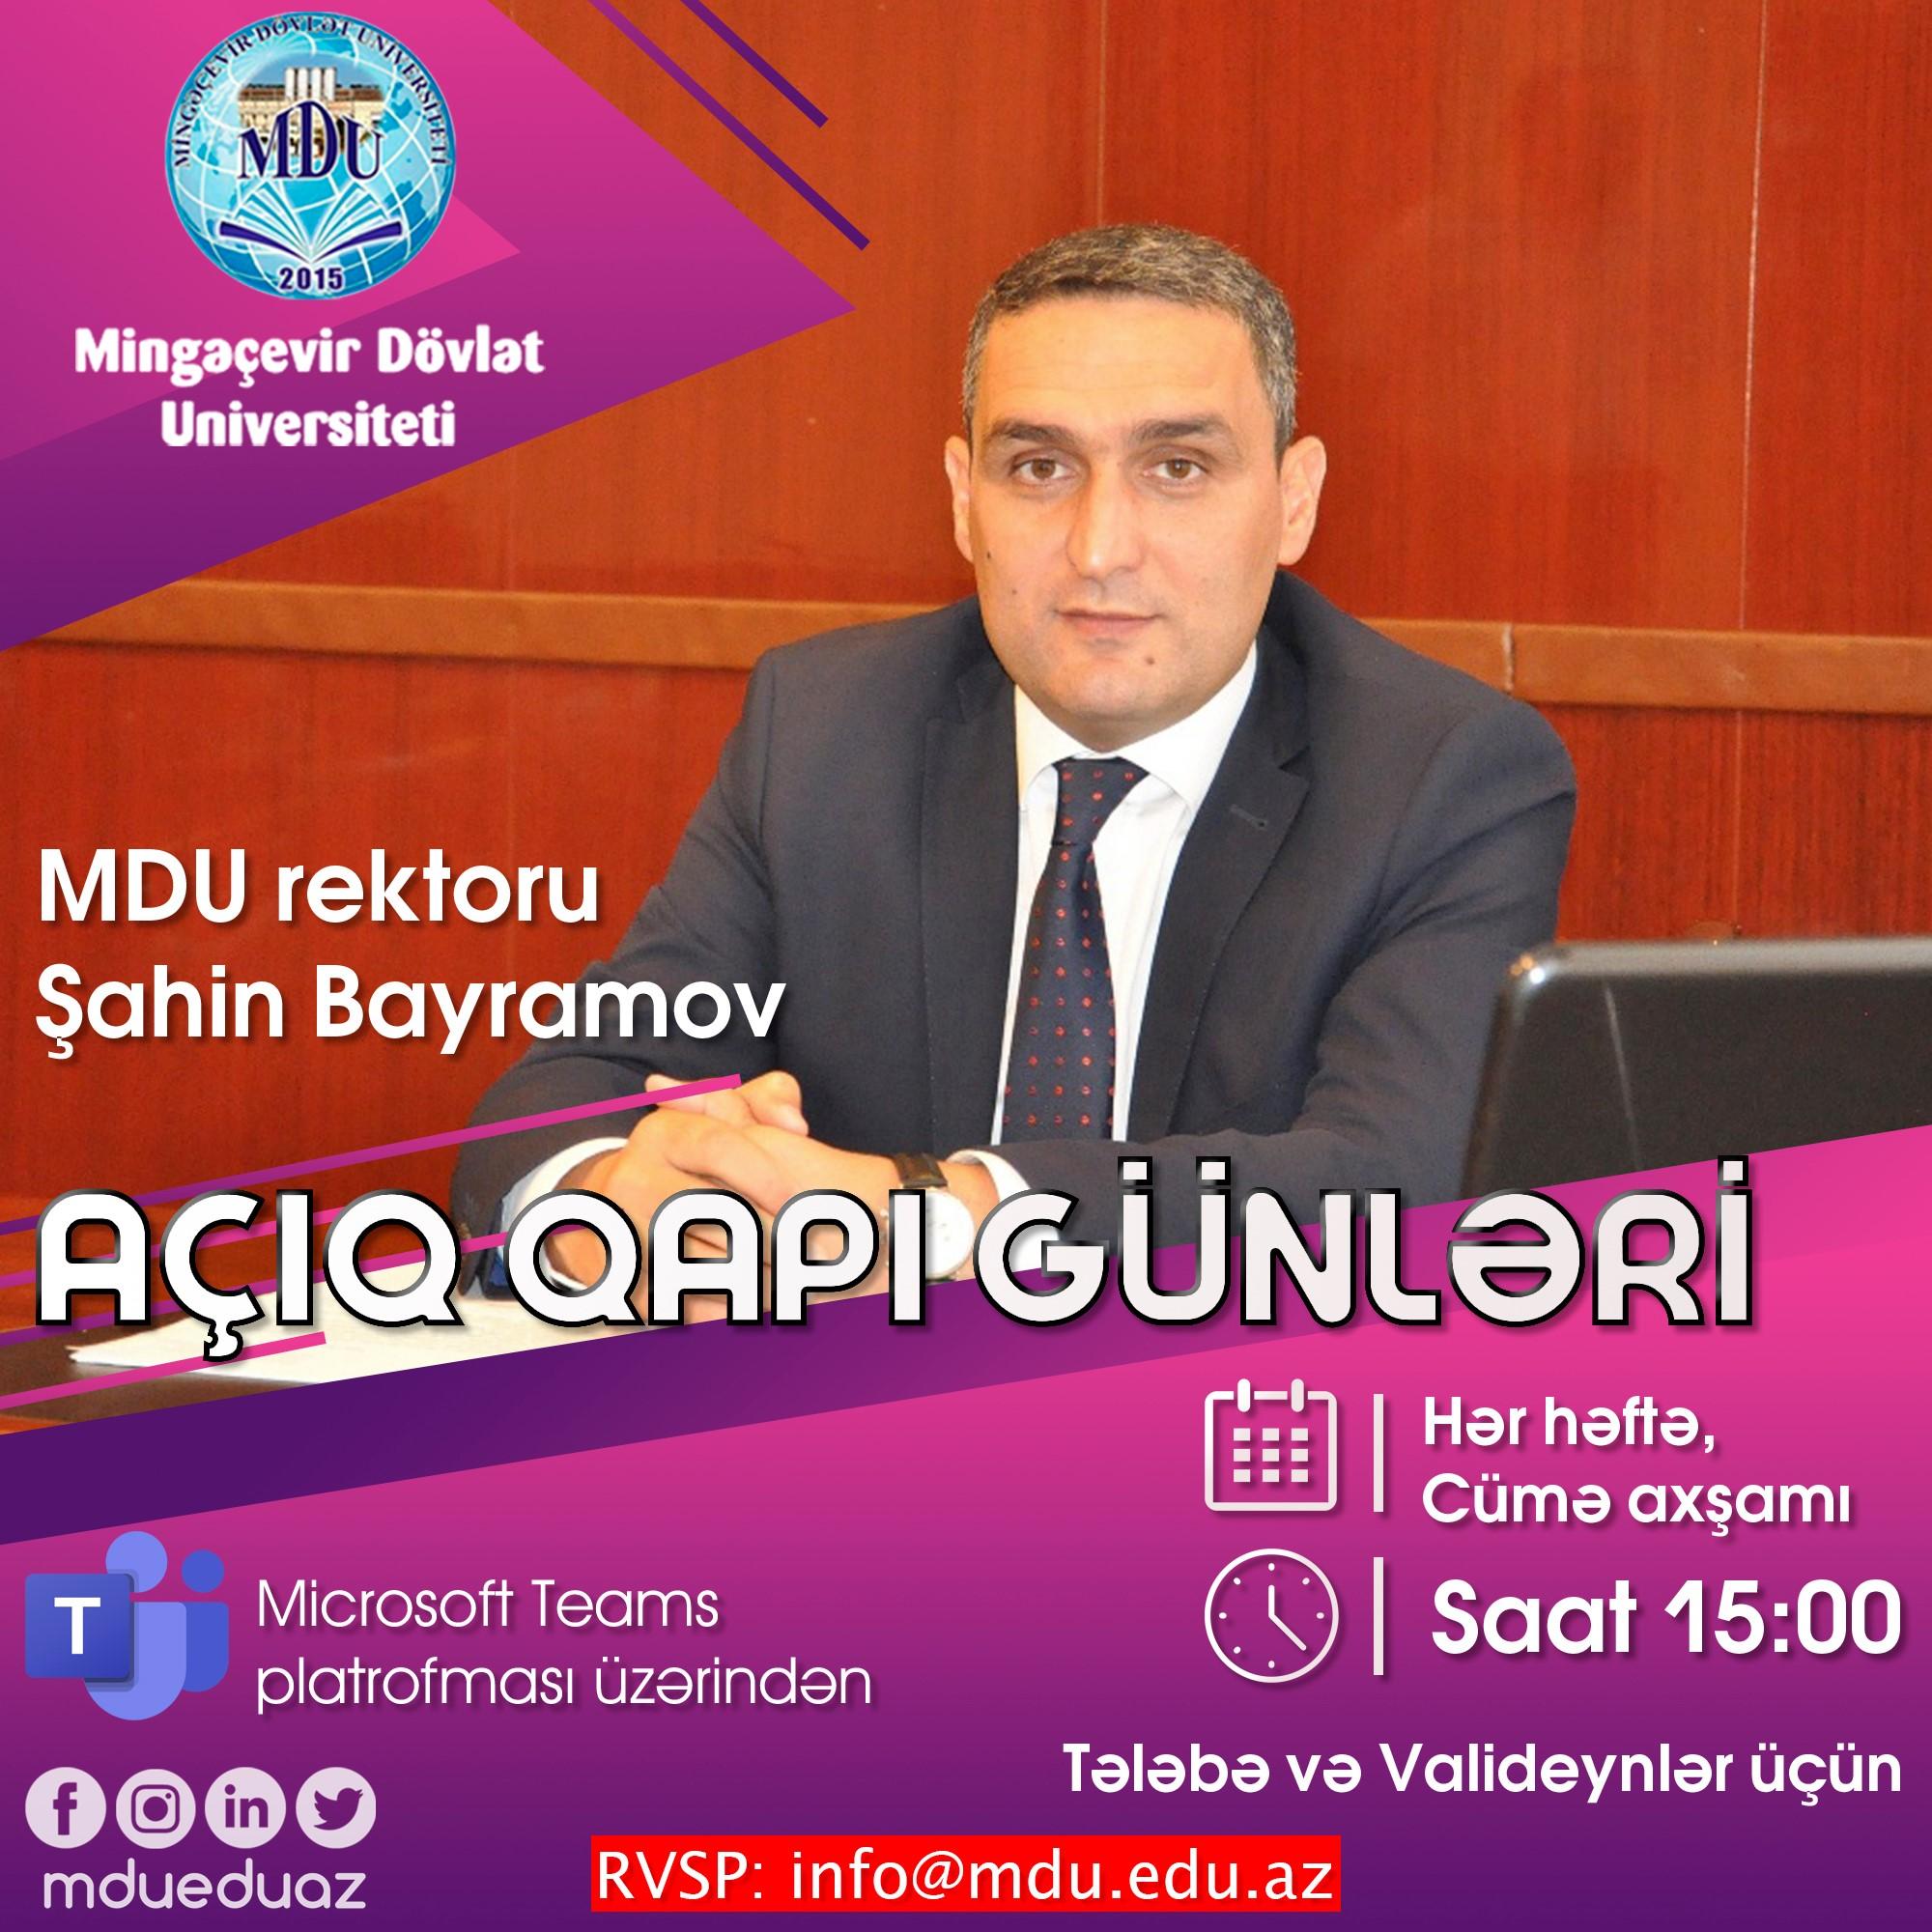 """Mingəçevir Dövlət Universitetində """"Açıq qapı günləri"""" keçiriləcək"""